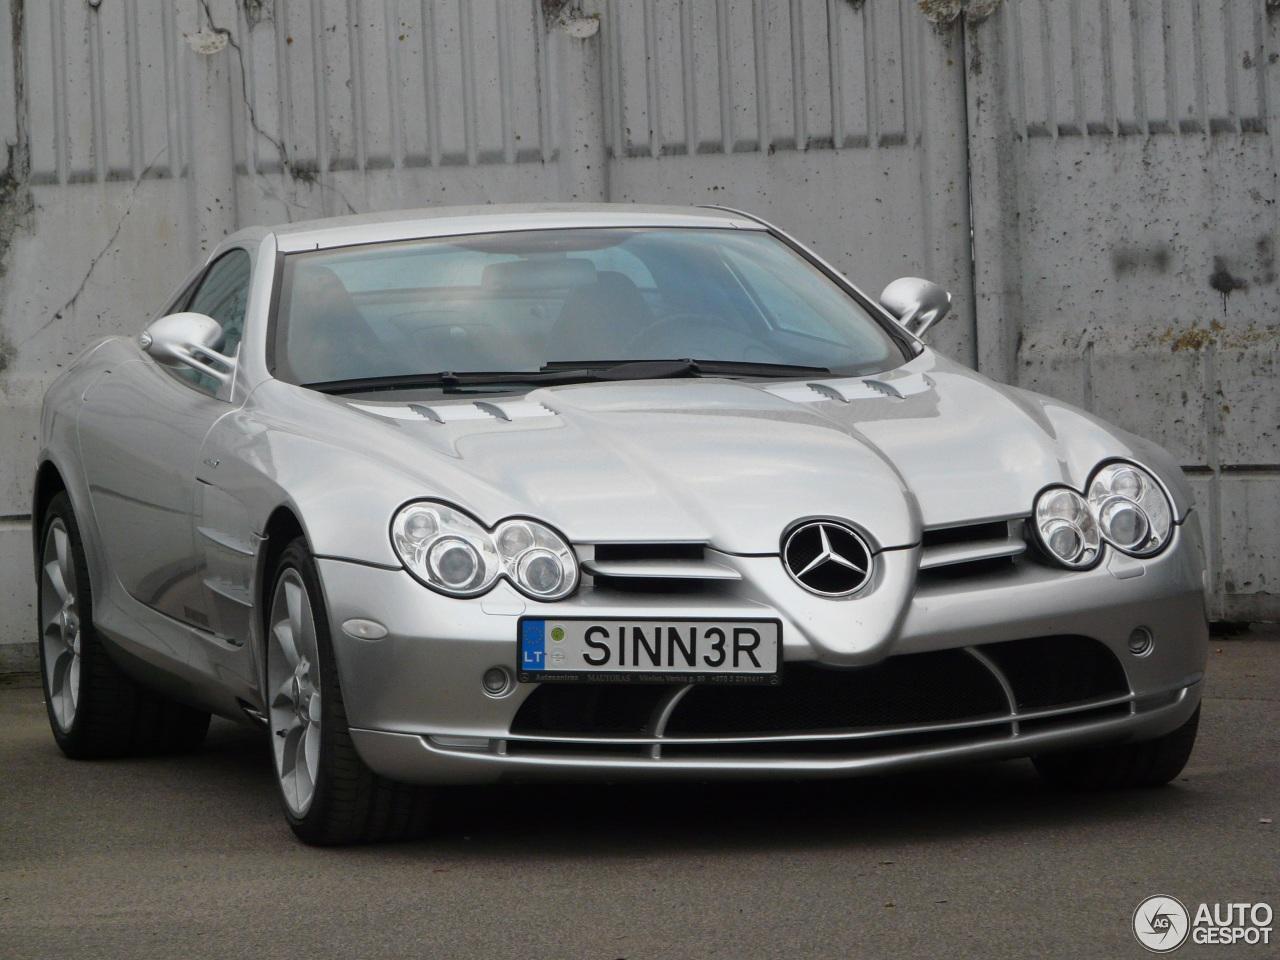 Mercedes benz slr mclaren 25 may 2017 autogespot for Mercedes benz slr